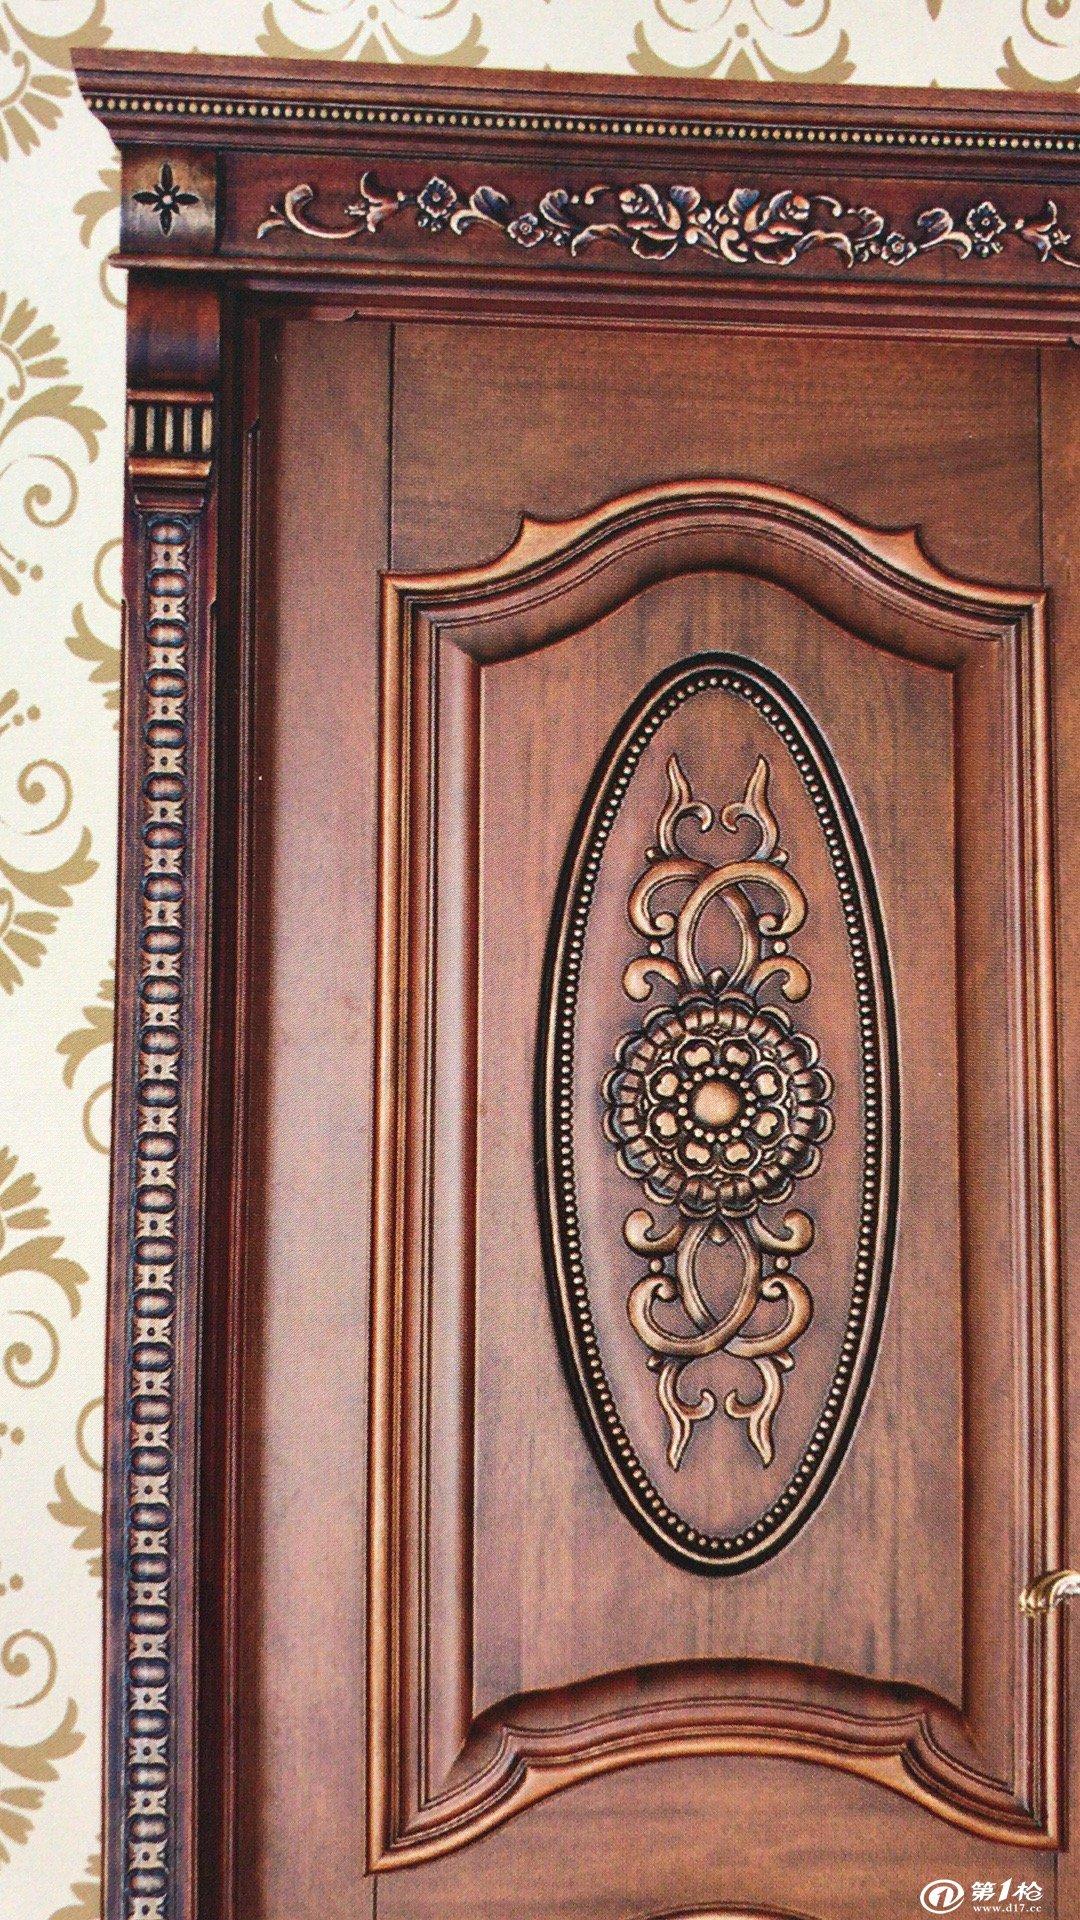 澳威 Y-6005 经典新中式雕花木门  本公司是一家集研发、设计、生产、销售、售后服务为一体的综合性木业企业,我公司主要生产实木复合木门、衣柜、酒柜定制、护墙板及原木家具定制、高档住宅、奢华别墅、高端写字楼等知名场所定制木作的专业配套供应商。作为高起点的木业企业,公司拥有设计理念超前的设计师队伍,技术过硬的员工队伍,从国内外引进现代化生产线。公司拥有优秀的营销团队,同时,组建了一支高水平的安装队伍,为顾客提供完善的营销、设计、测量售后等各项服务,经过多年的市场运作,在木门行业已居市场前前列位置。  越来